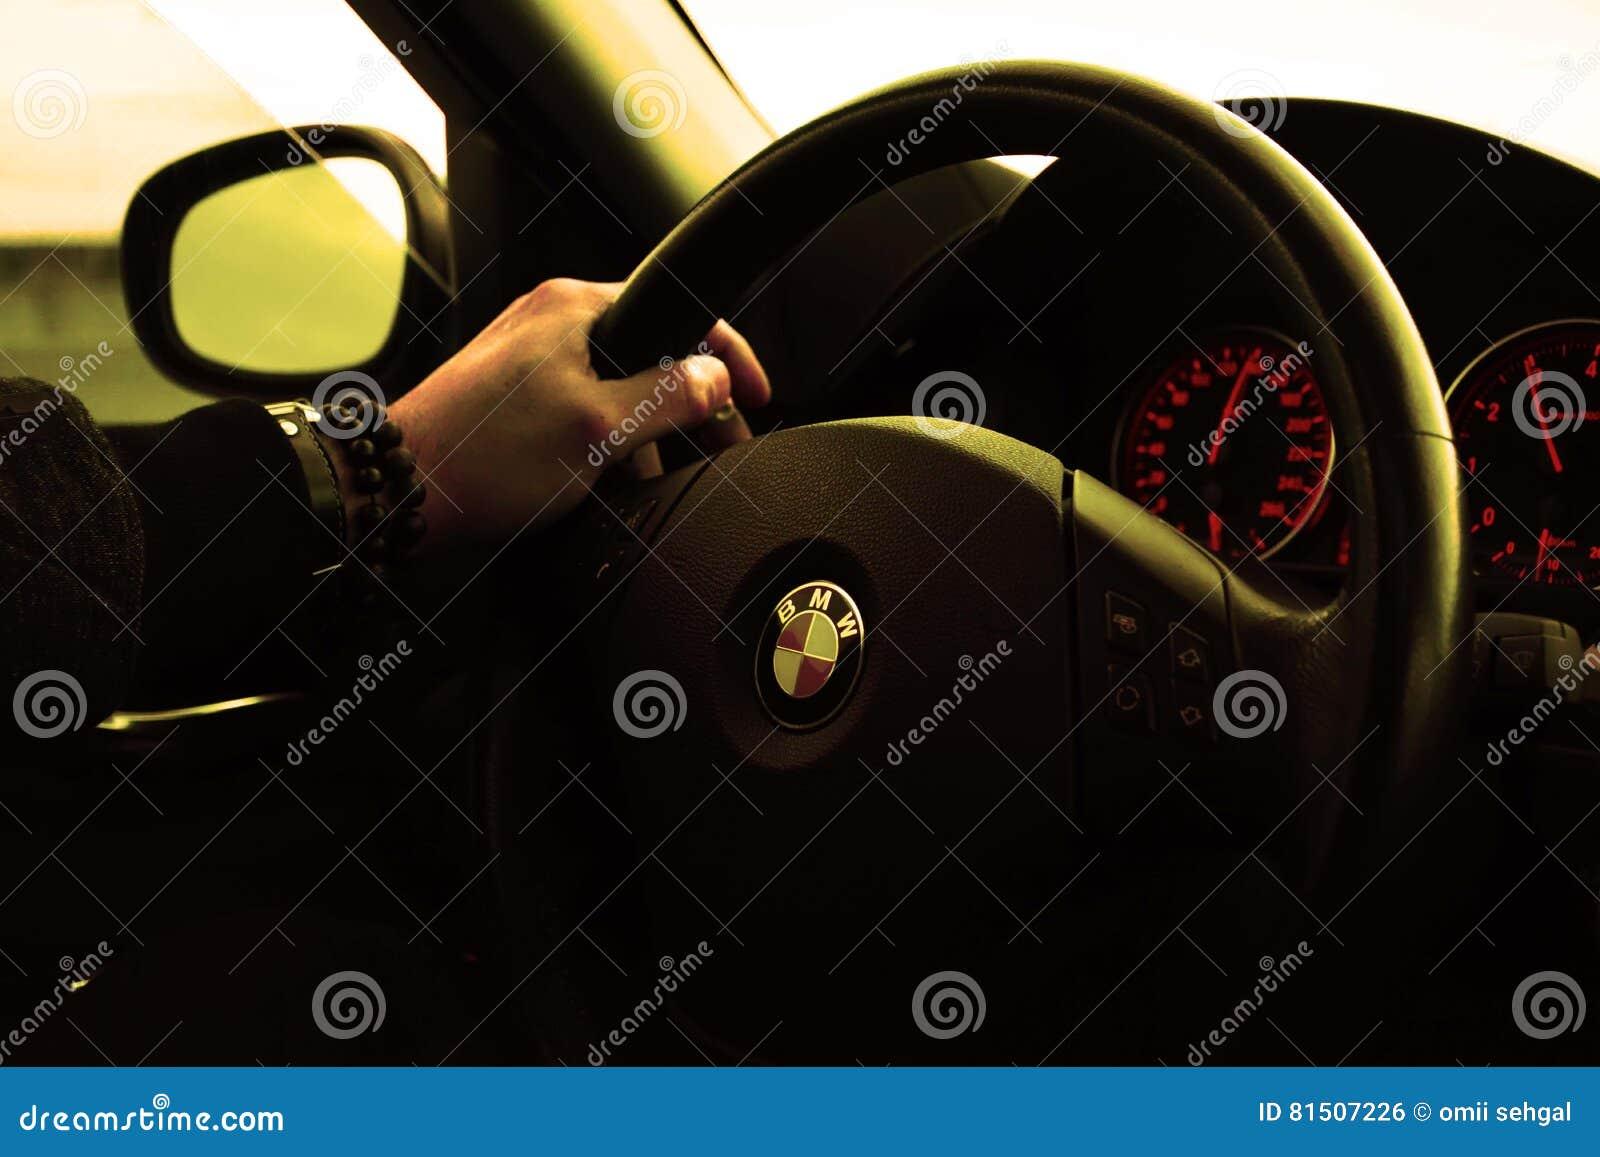 Zeit Des Gutenmorgens Die Bmw Auto Fährt Redaktionelles